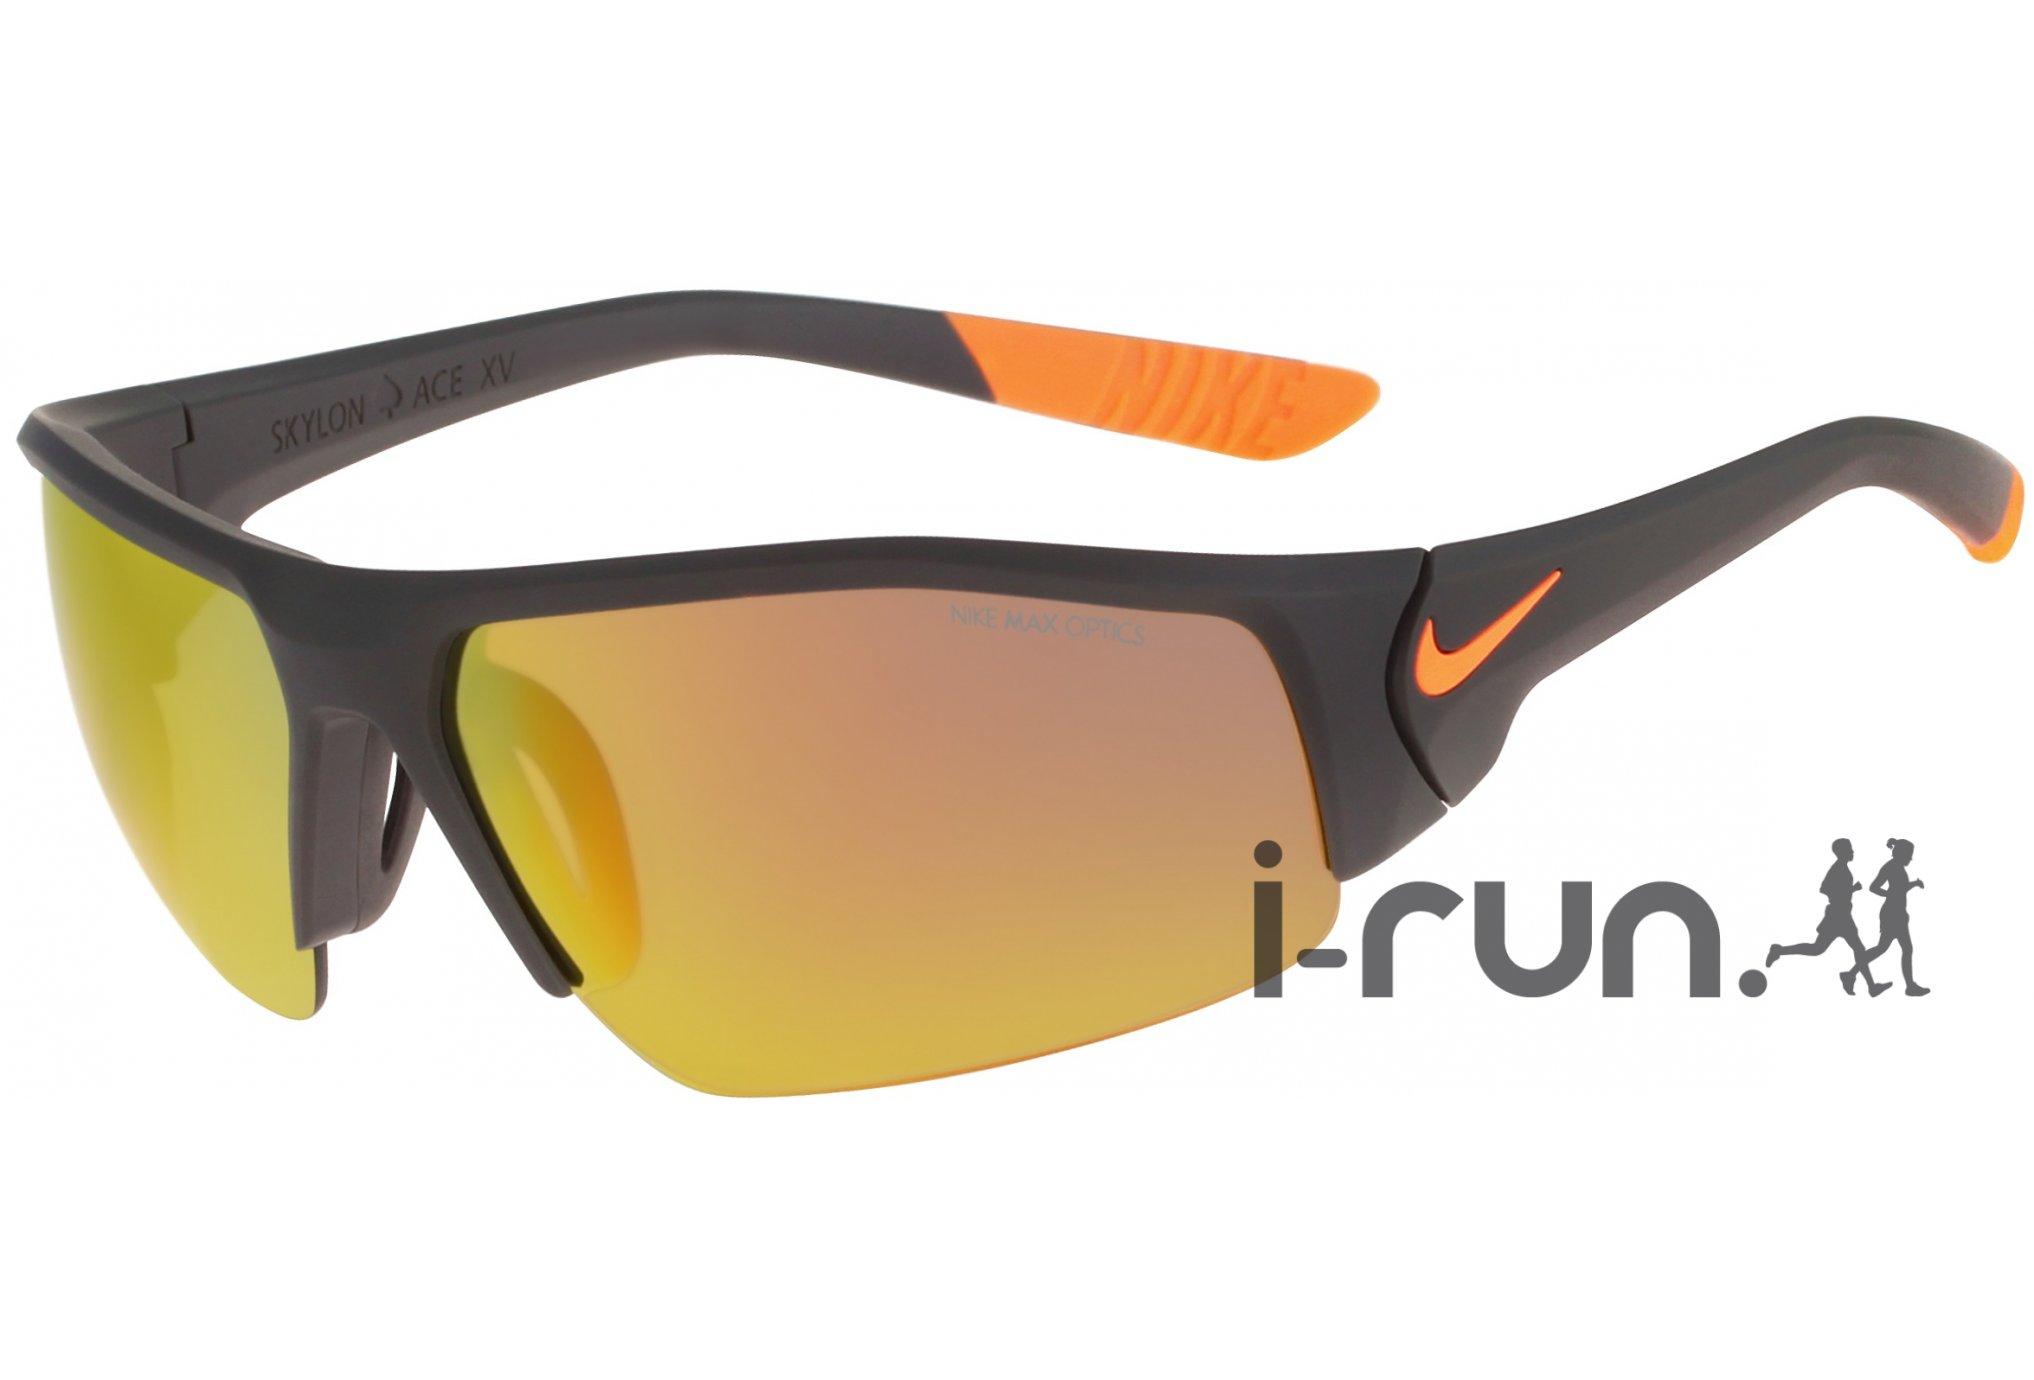 Trail Session - Nike Lunettes de soleil Skylon Ace XV R Lunettes 96f69a559c85